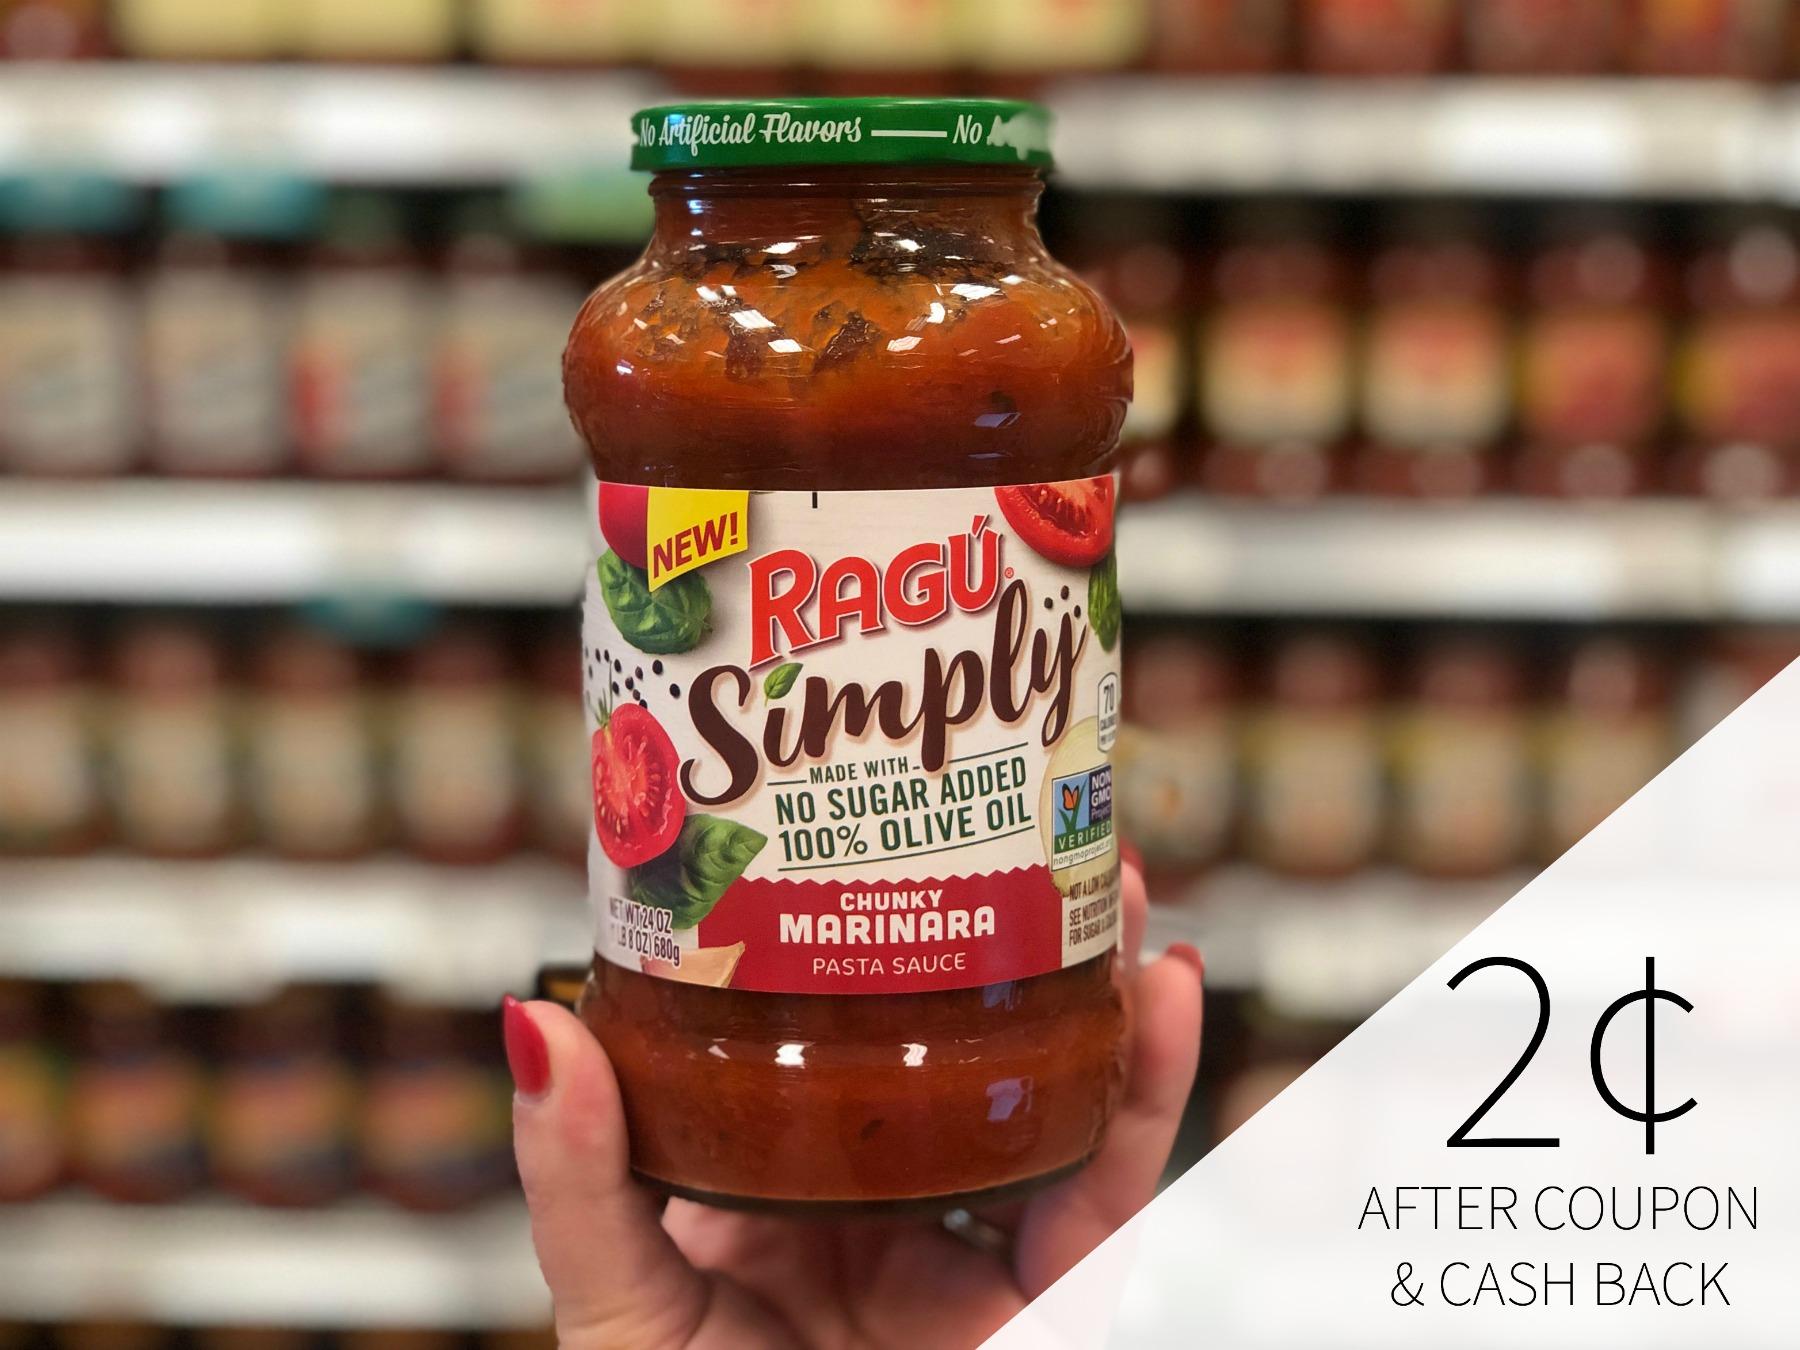 Ragu Sauce Only 52¢ At Publix on I Heart Publix